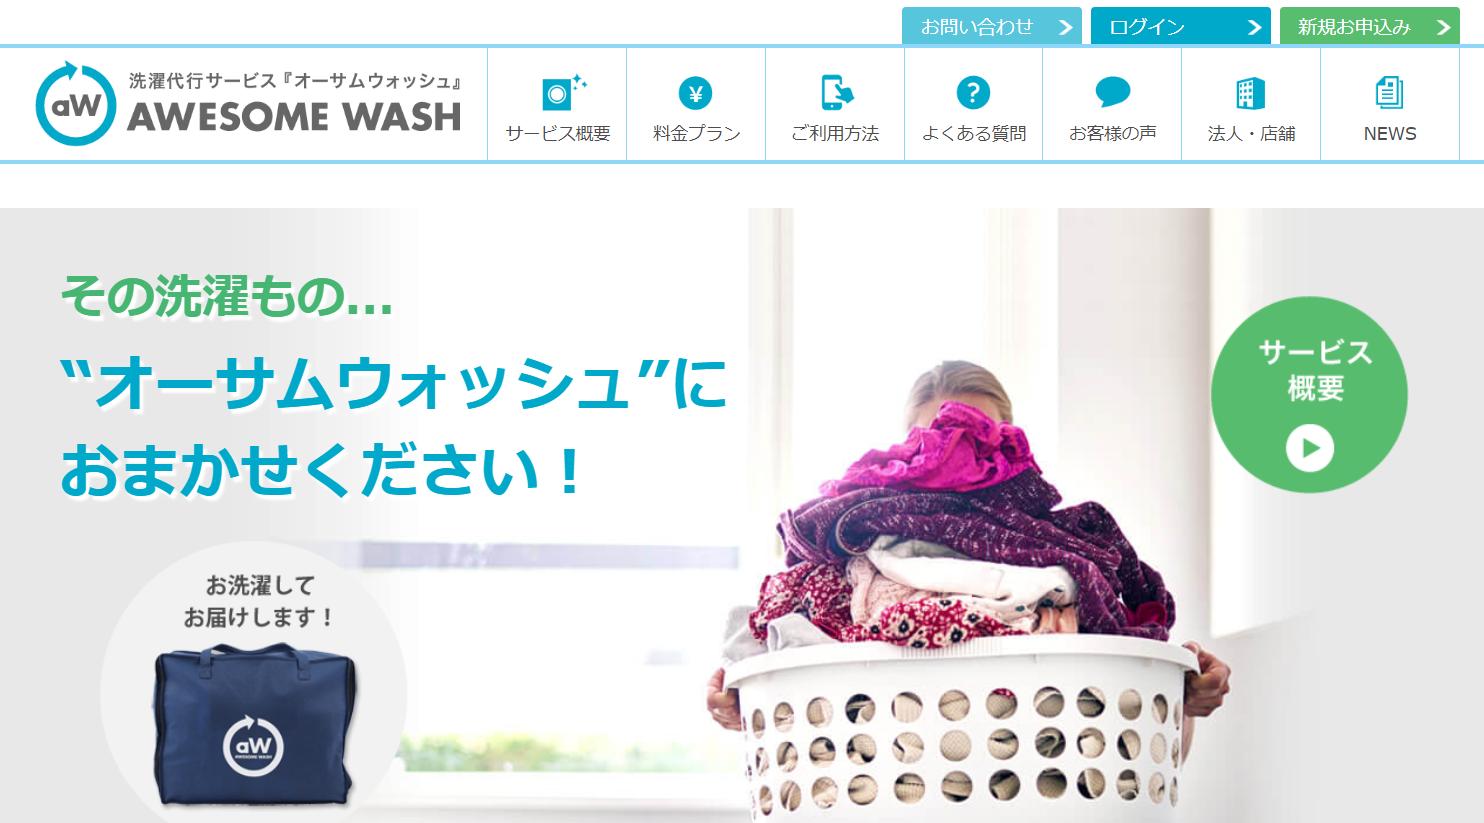 【2020年最新版】洗濯代行の『オーサムウォッシュ』(AWESOME WASH)の評判や口コミまとめ